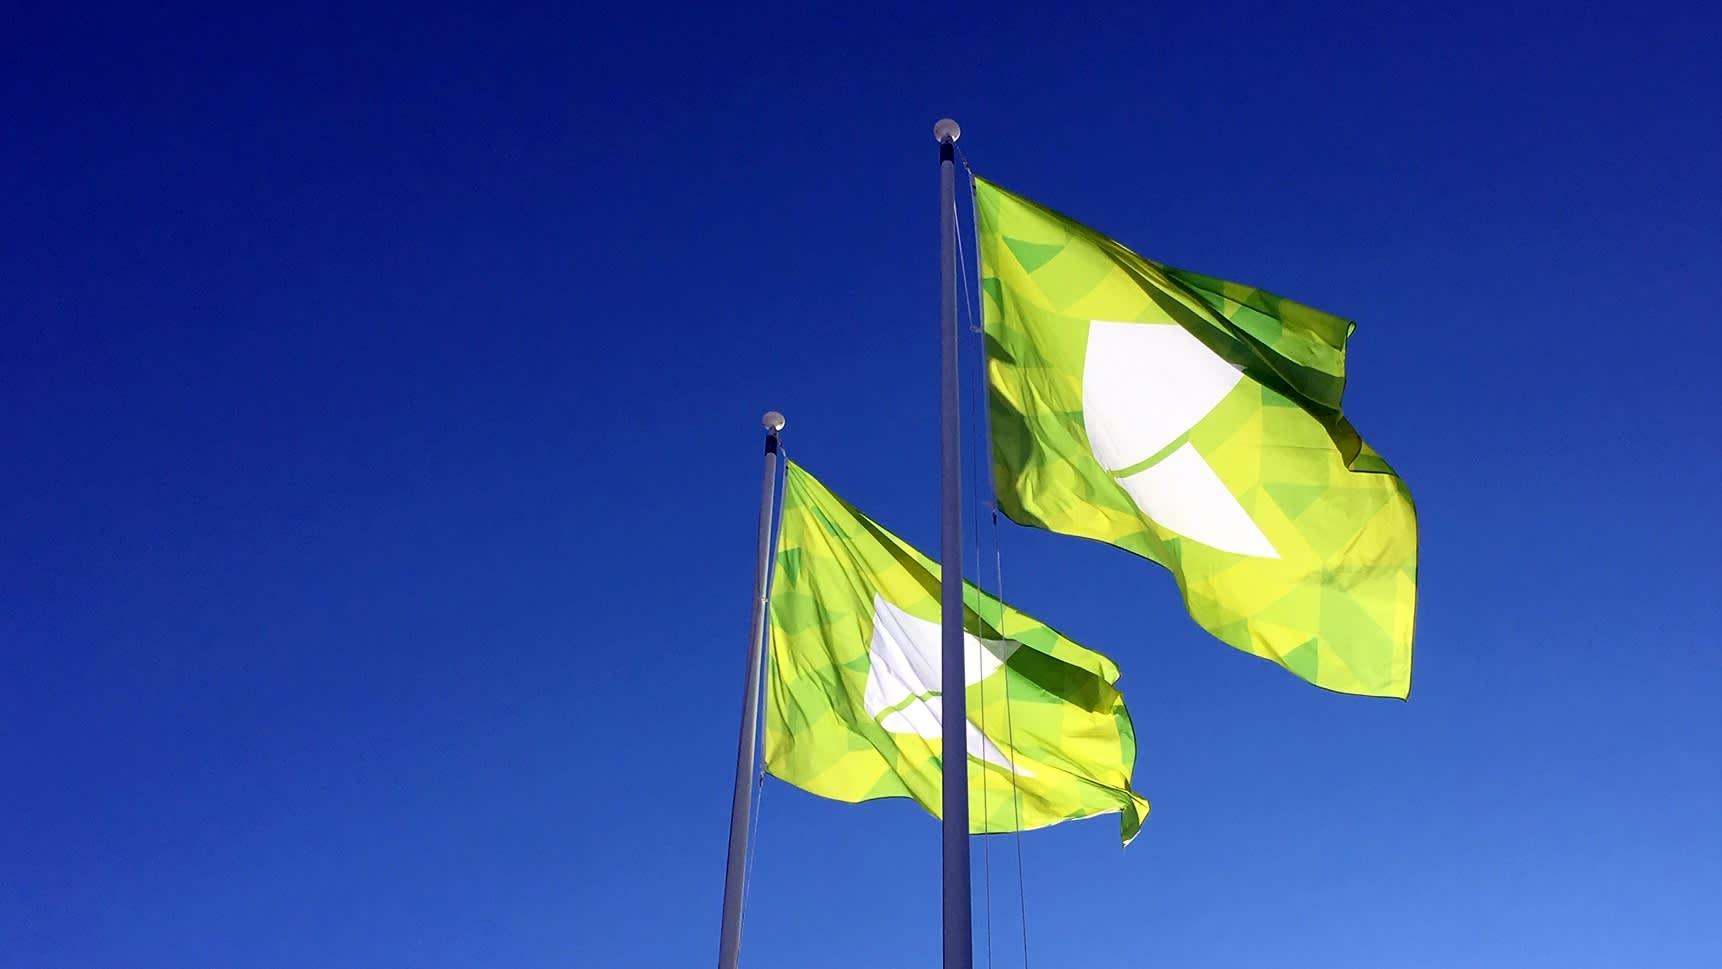 Karelia-ammattikorkeakoulun liput liehuvat sinistä taivasta vasten Joensuussa.